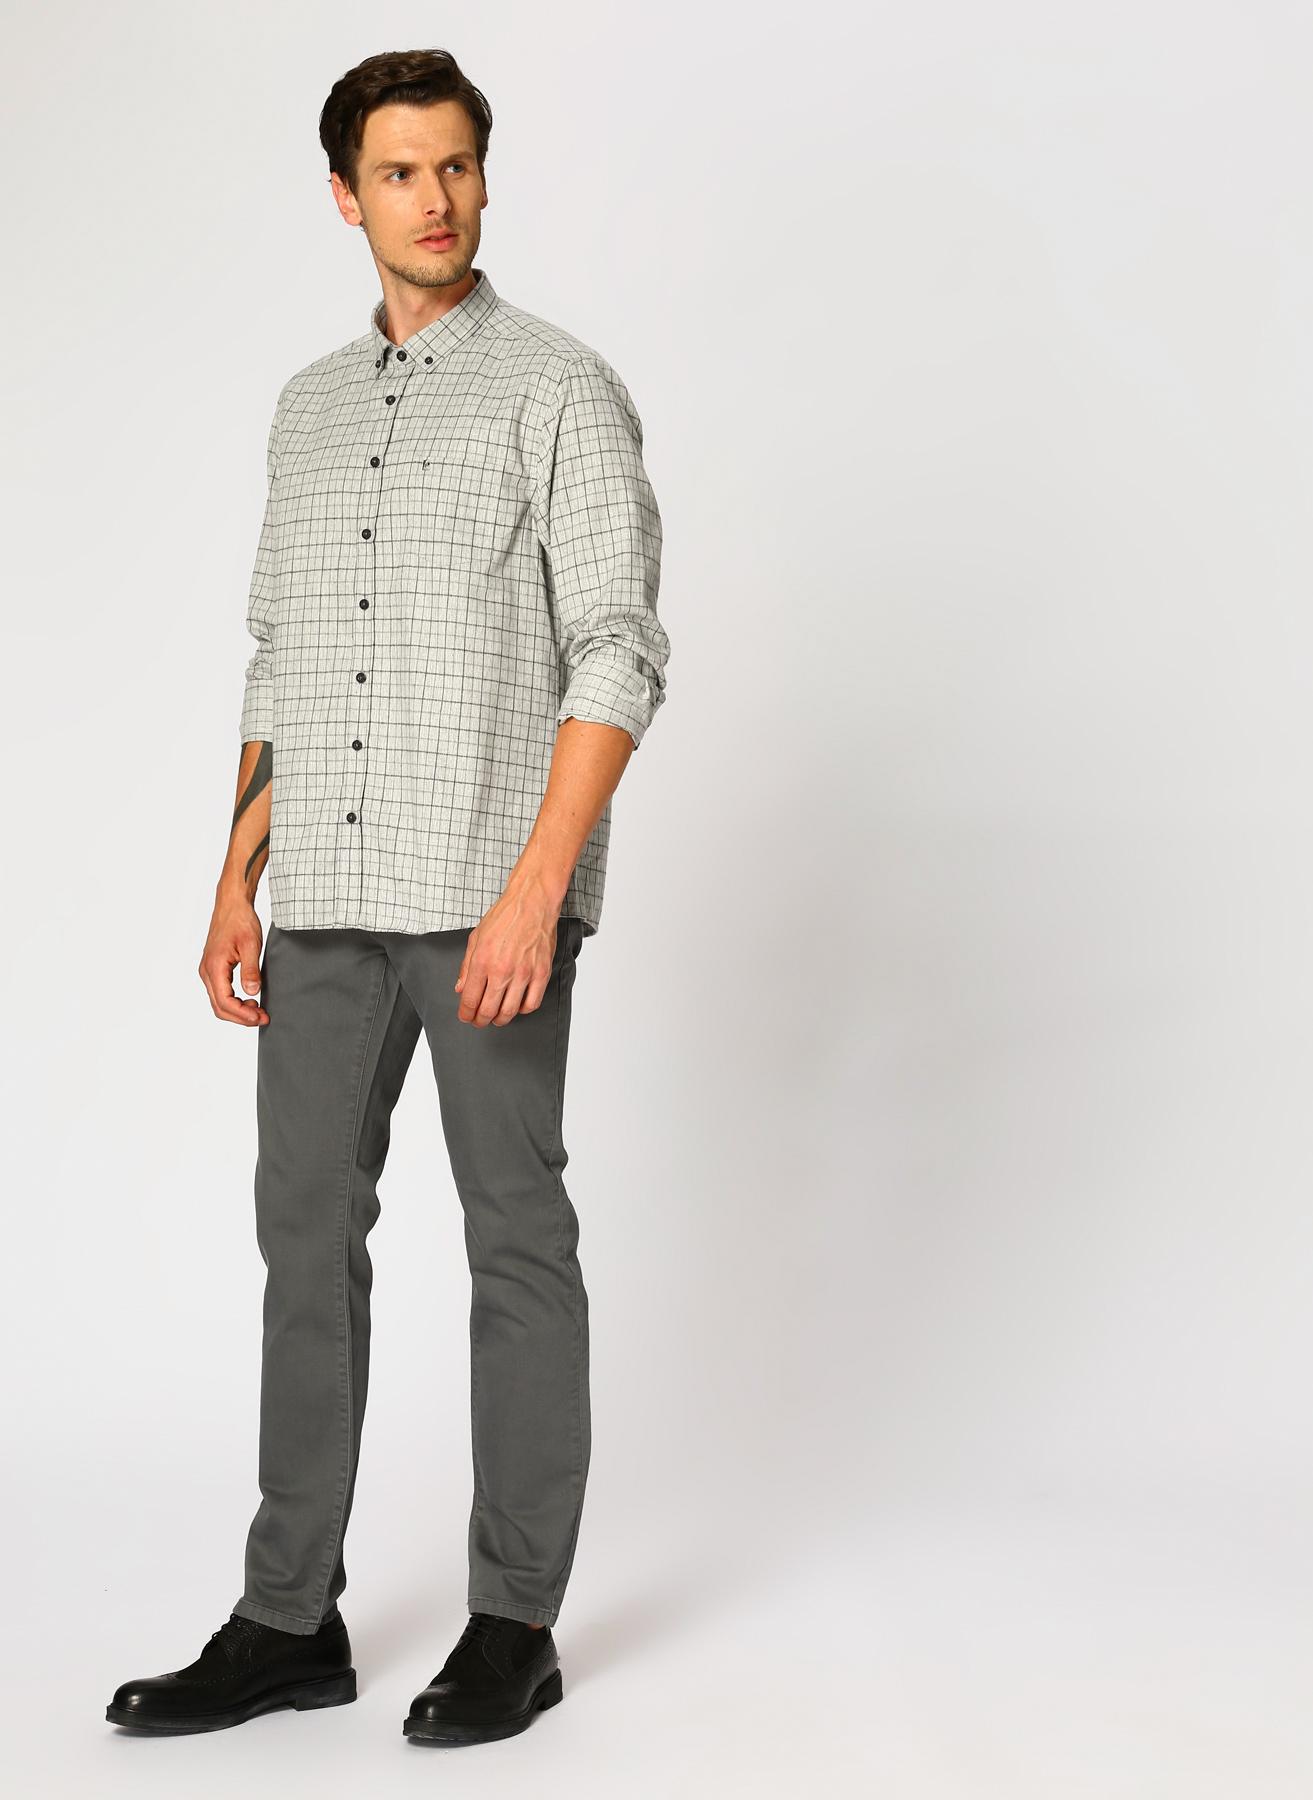 George Hogg Gri Klasik Pantolon 5001918295001 Ürün Resmi